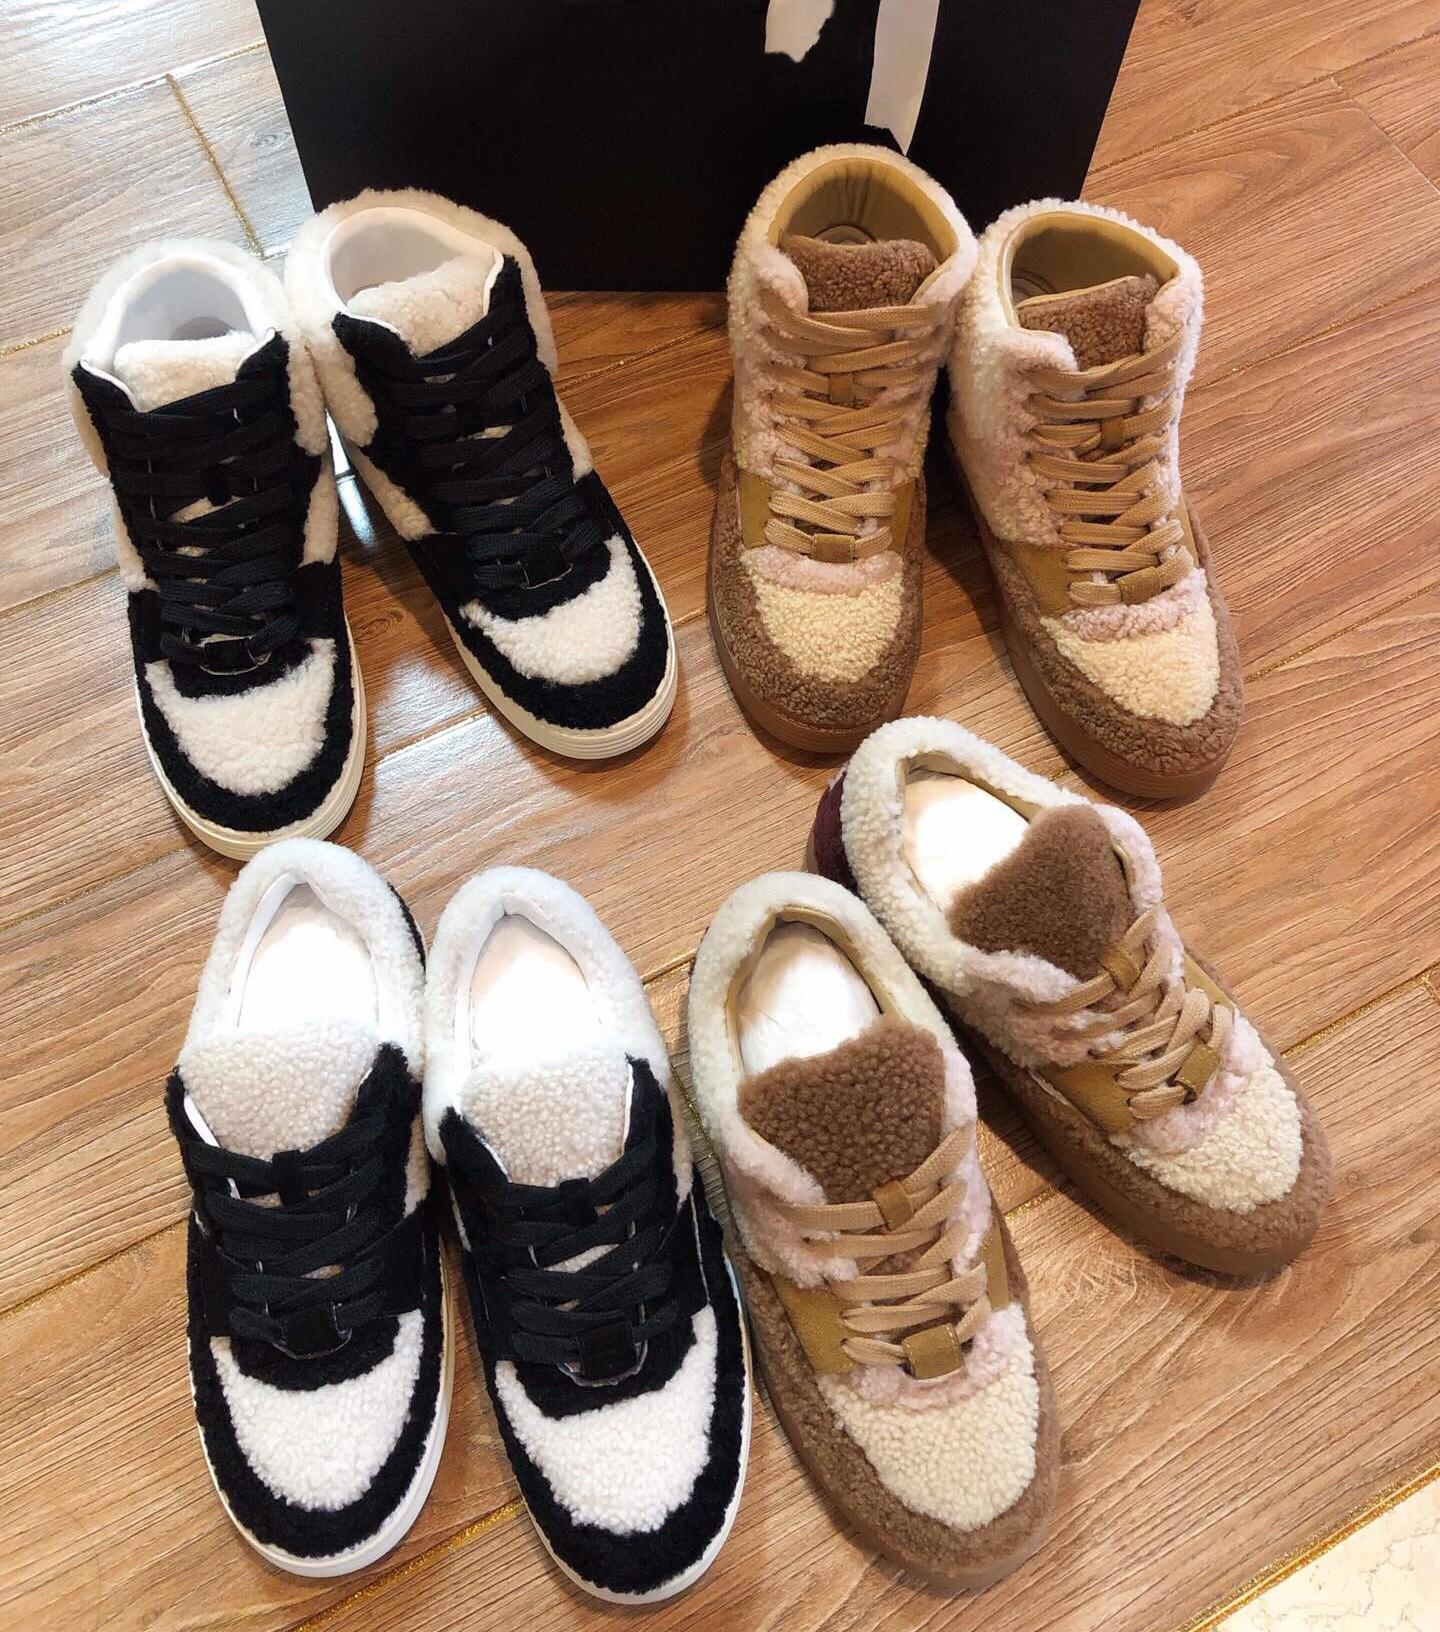 19 новинка зимний осеннний черно - белое заклинание цвет моросящий обувной панда толстая корка кружево спортивный досуг обувной шерсть один снег обувной 601859291124